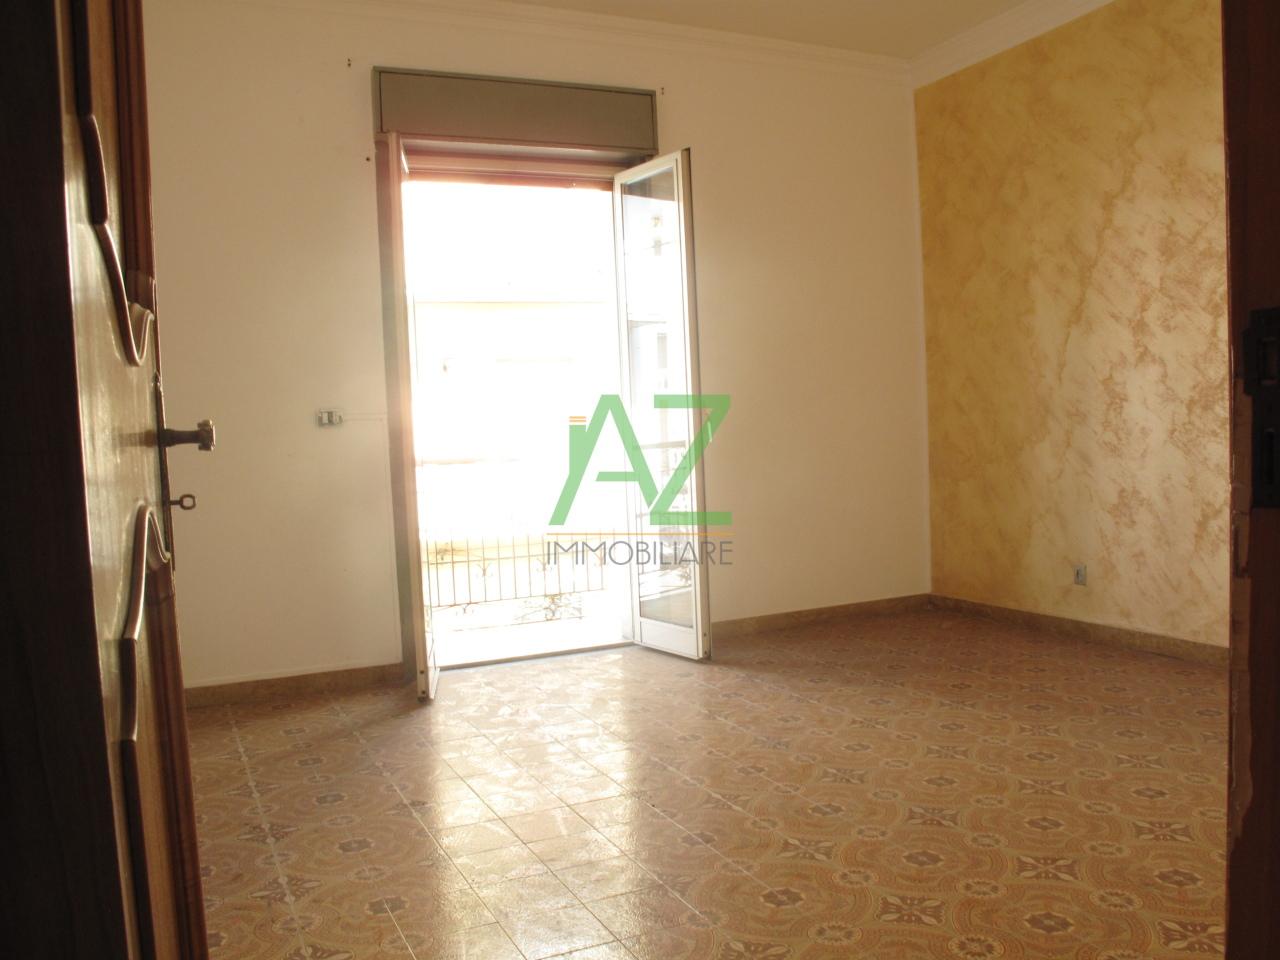 Appartamento in affitto a Misterbianco, 2 locali, prezzo € 325 | Cambio Casa.it